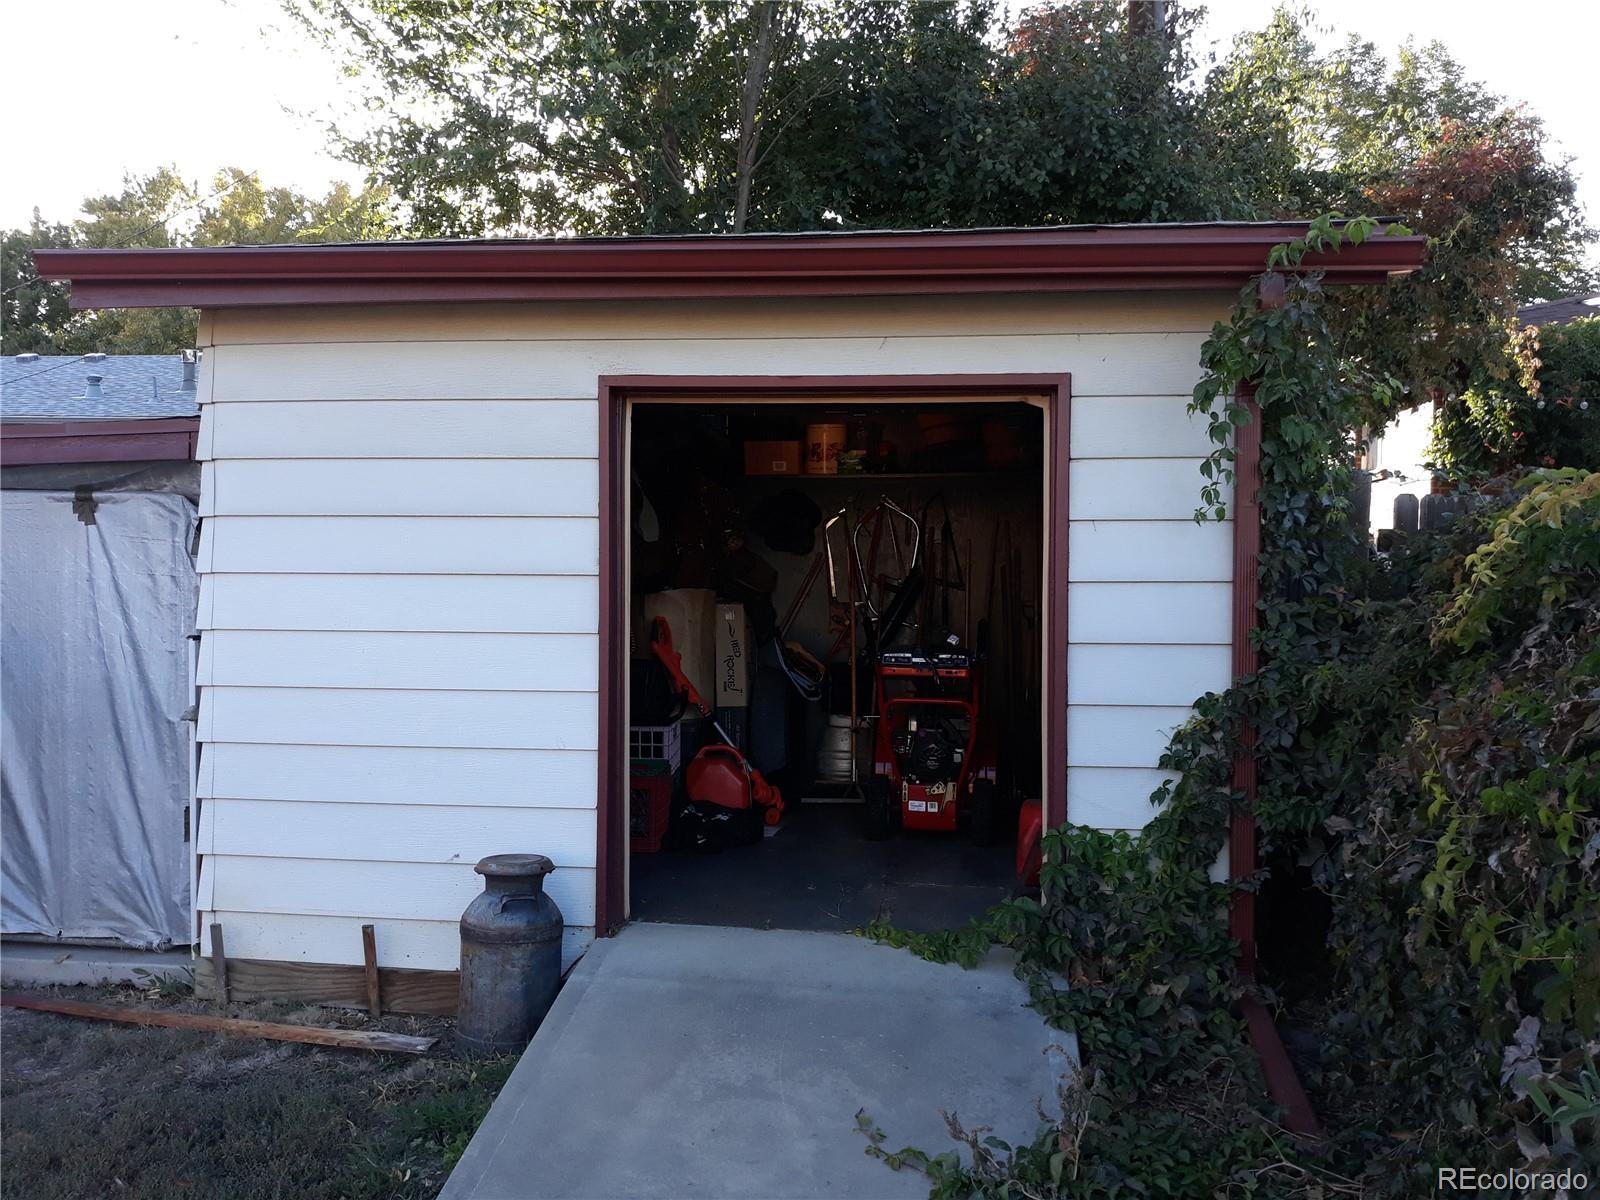 MLS# 7359840 - 10 - 2201 Teller Street, Lakewood, CO 80214